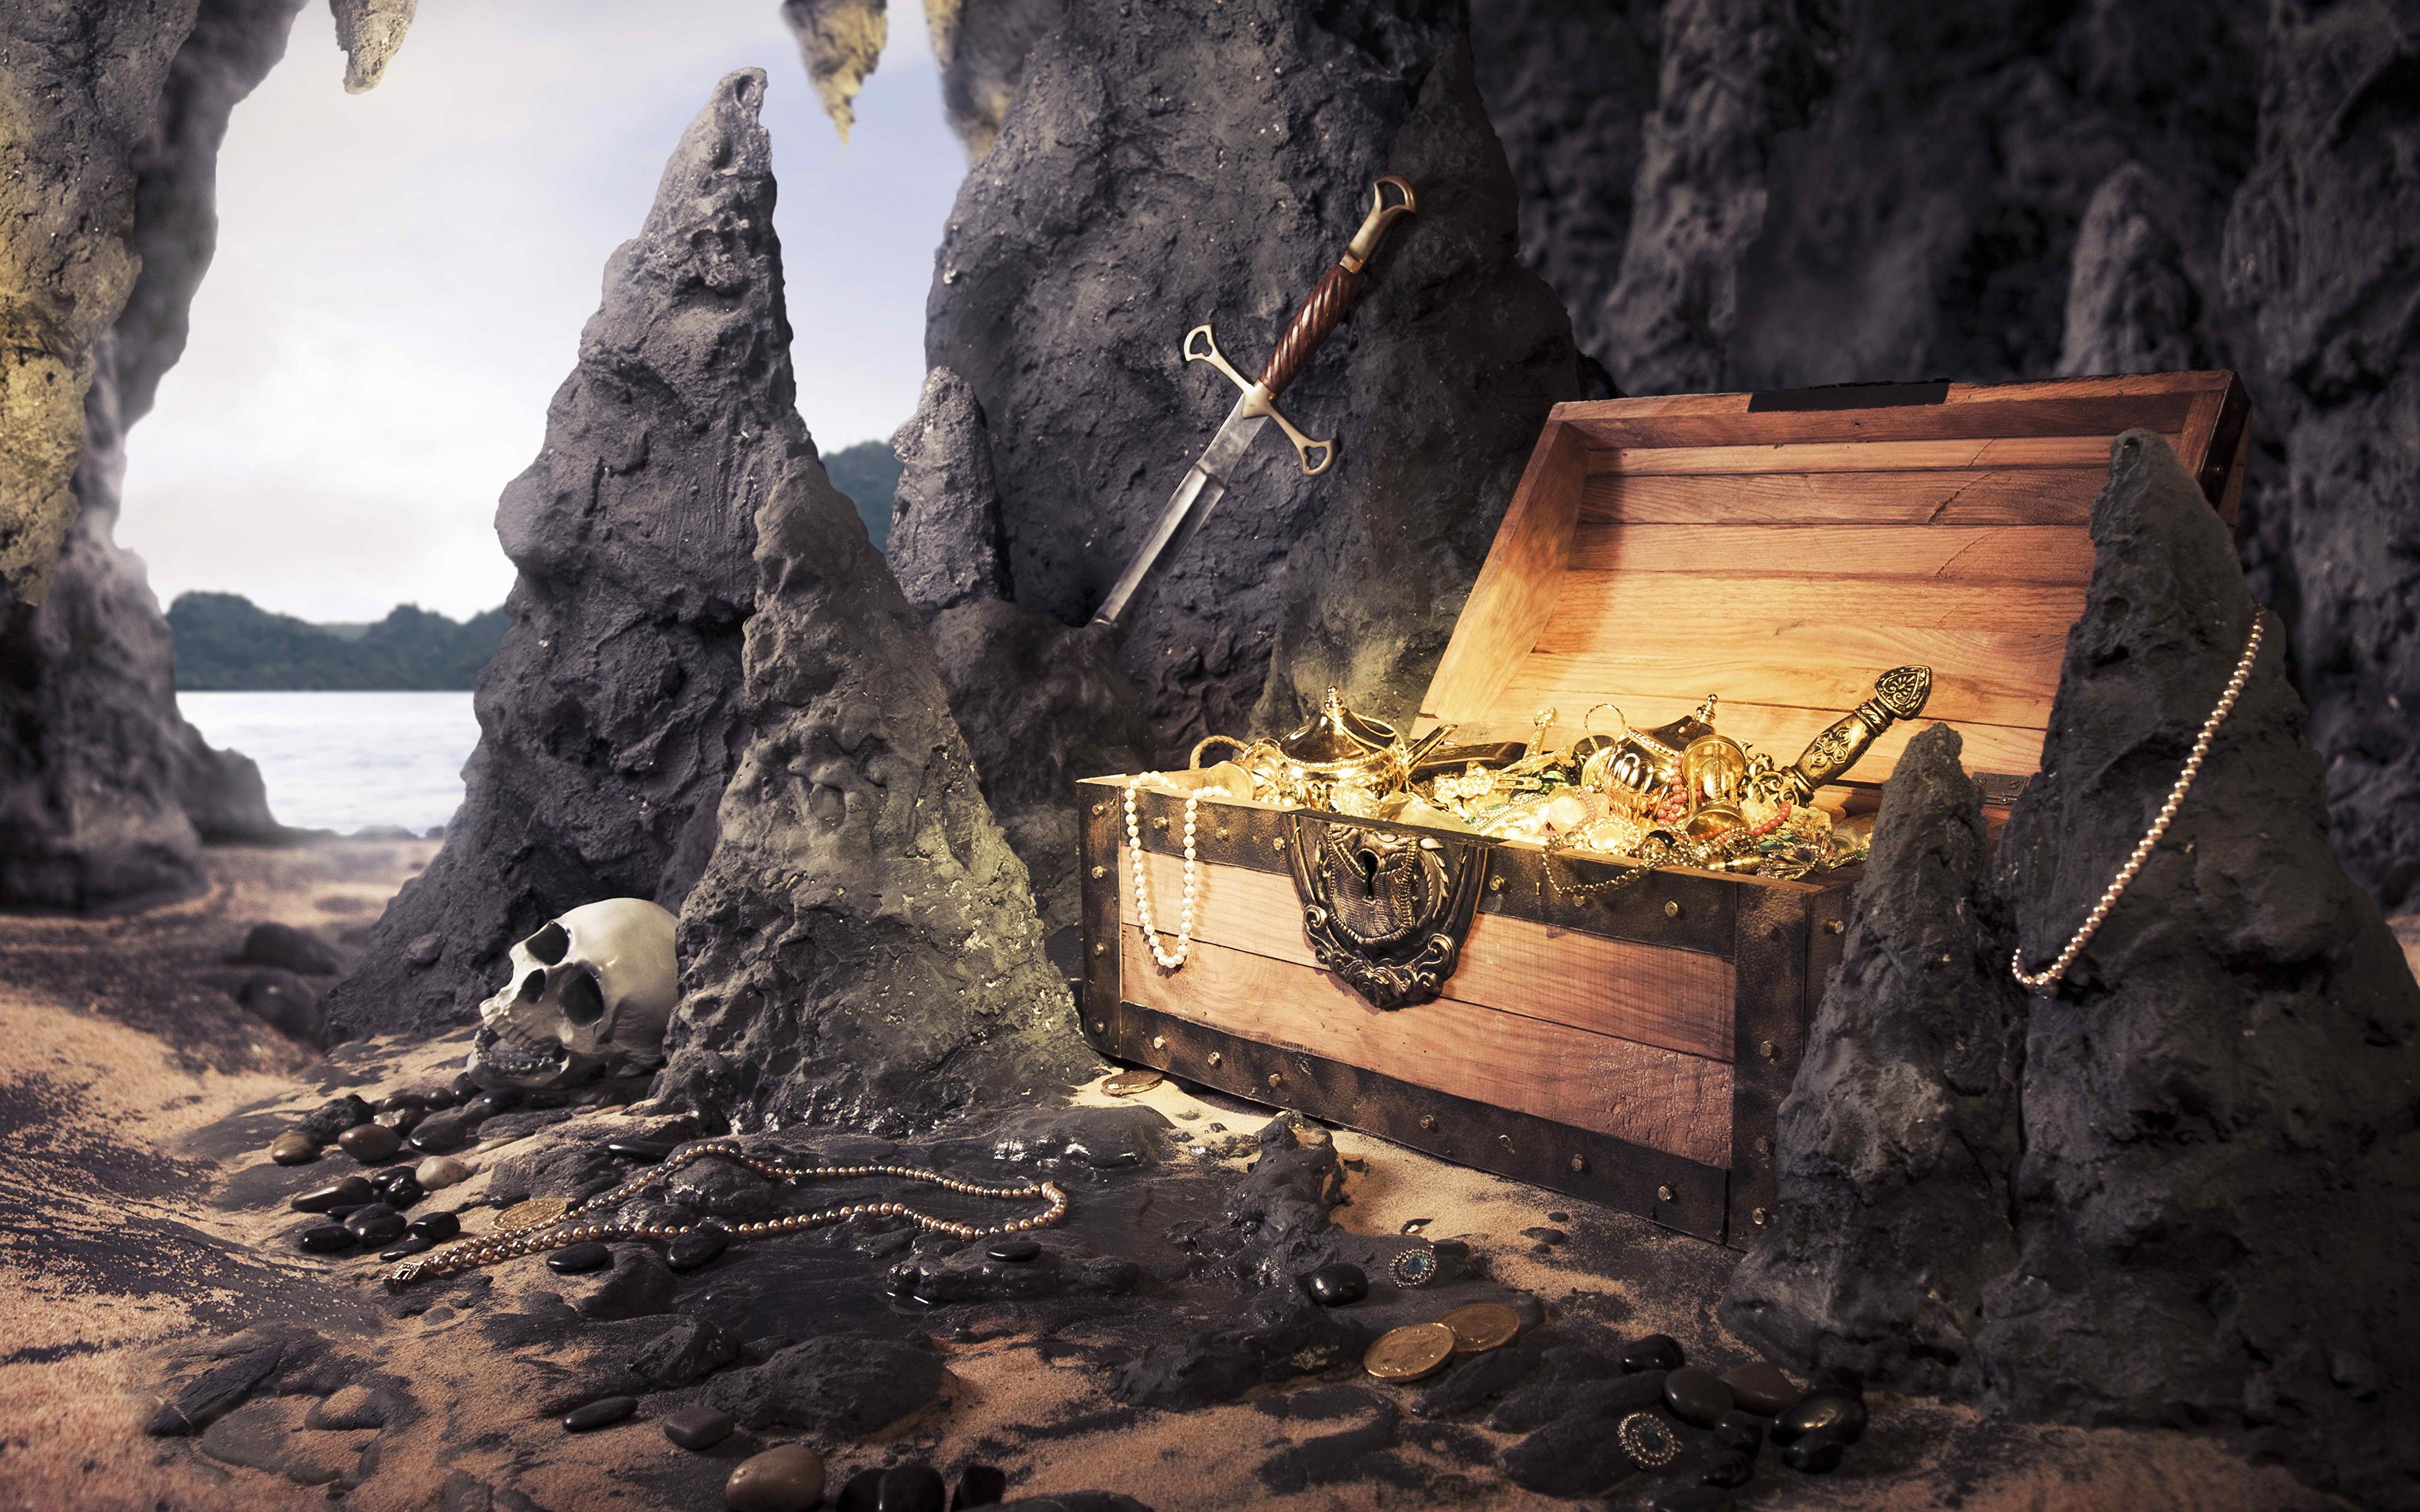 Картинки сундук с сокровищами фантастика 3840x2400.